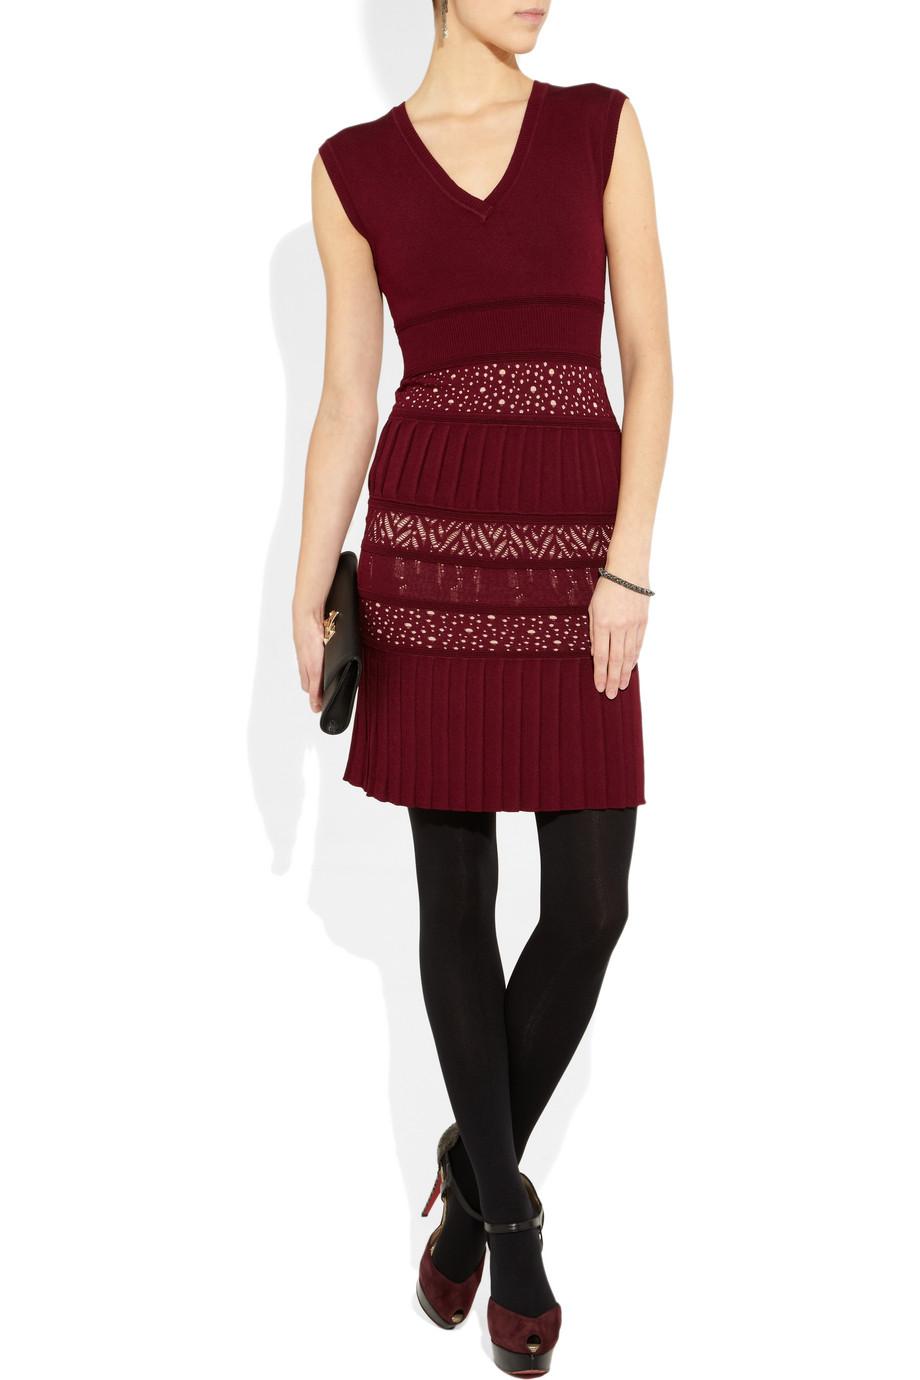 Catherine Malandrino Pointelle Knit Stretch Jersey Dress